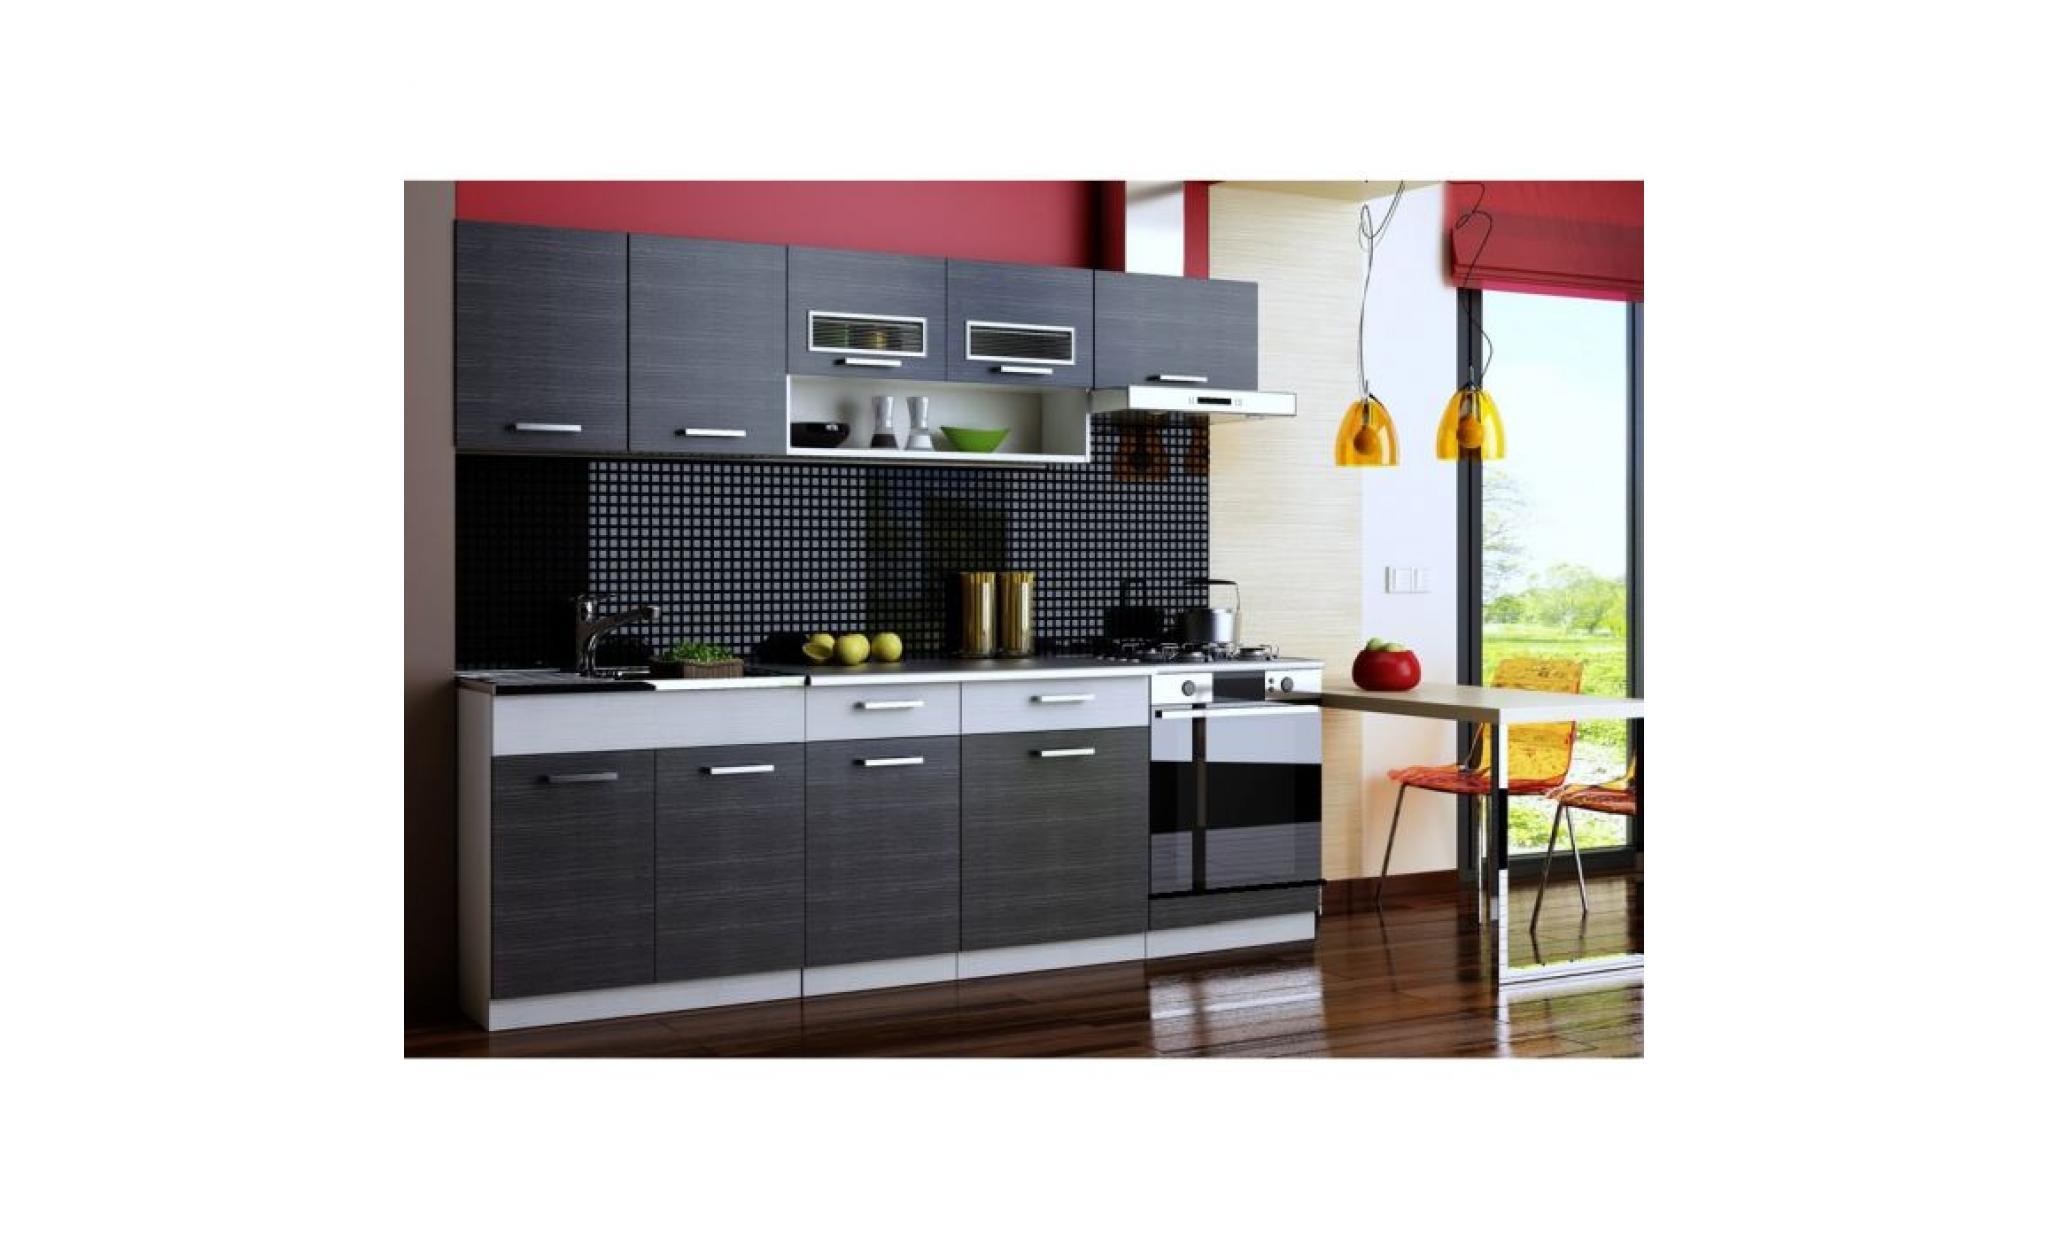 cuisine topaze noir chin gris 7 meubles 2m40 achat vente cuisine complete pas cher. Black Bedroom Furniture Sets. Home Design Ideas